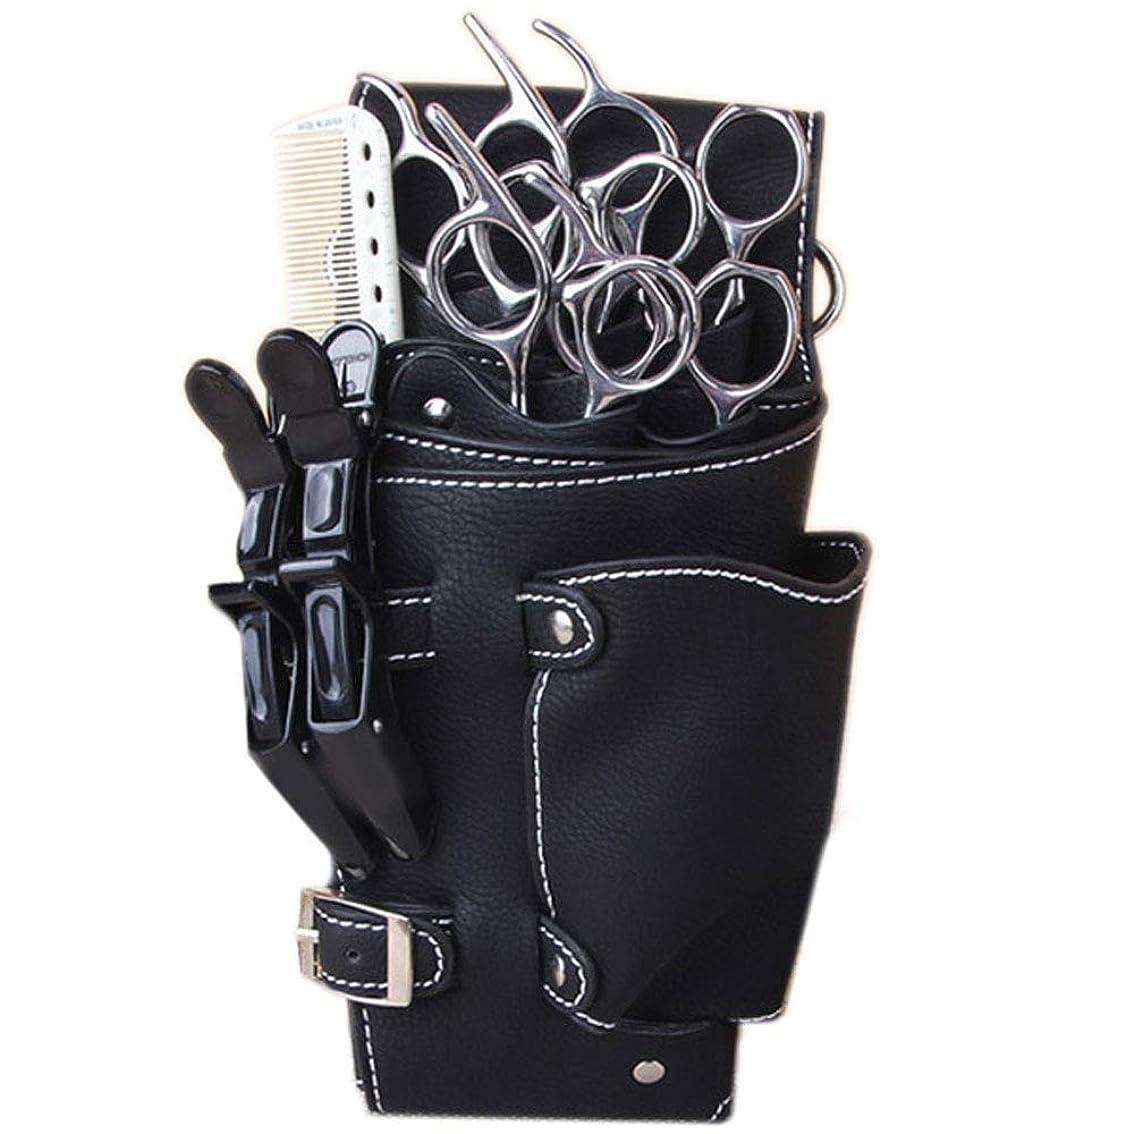 技術的な雷雨ブレス[RADISSY] シザーケース シザーバッグ 美容師 トリマー ベルトループ ショルダーベルト